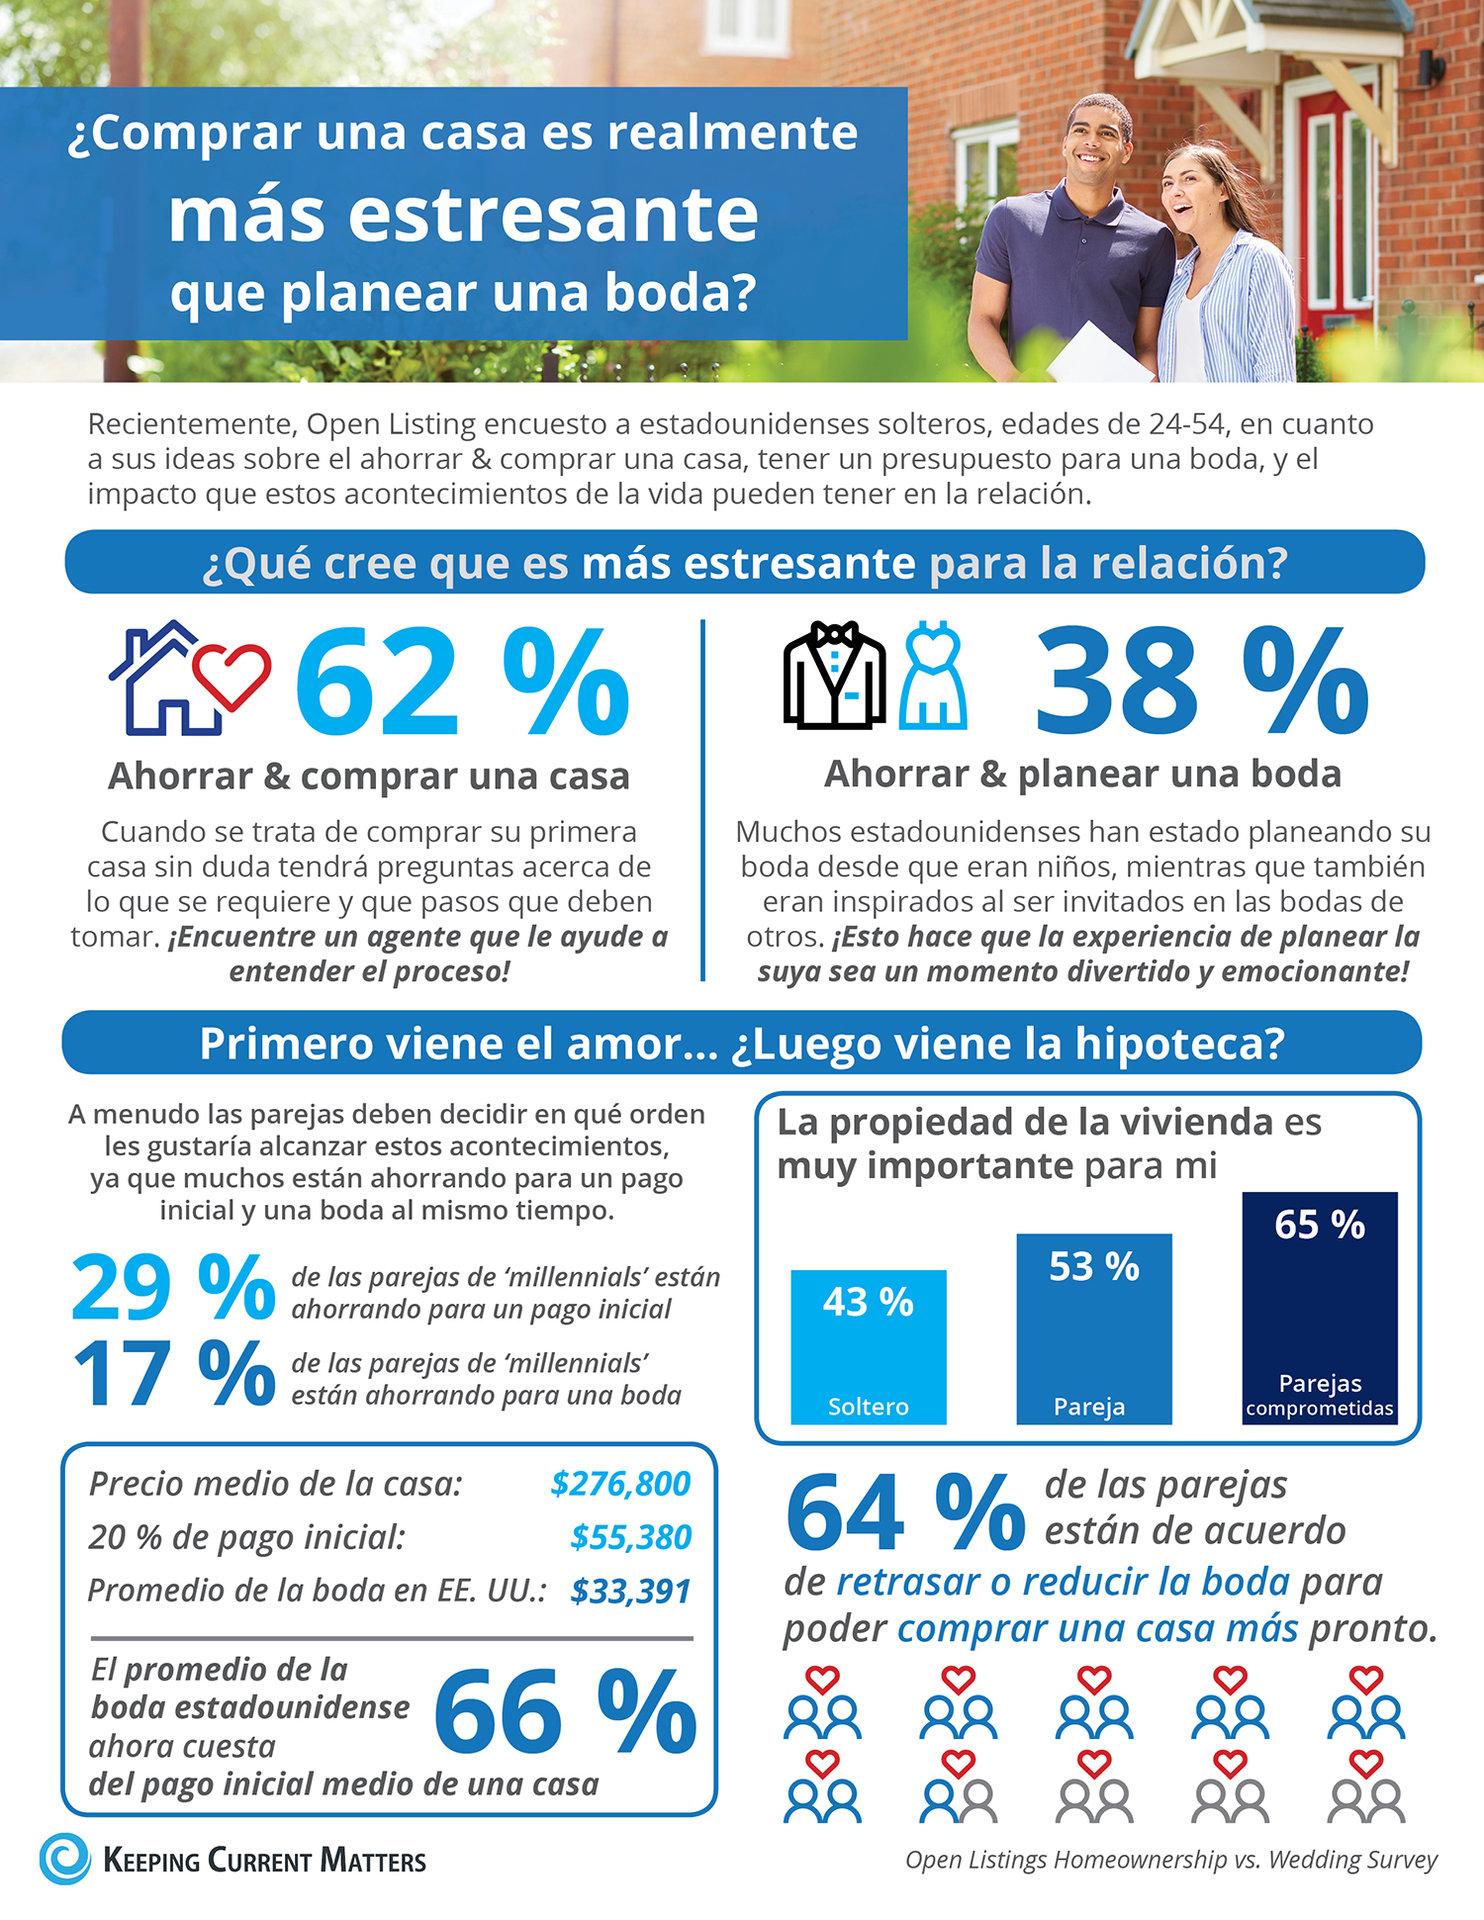 ¿Comprar una casa es realmente más estresante que planear una boda? [Infografía] | Keeping Current Matters